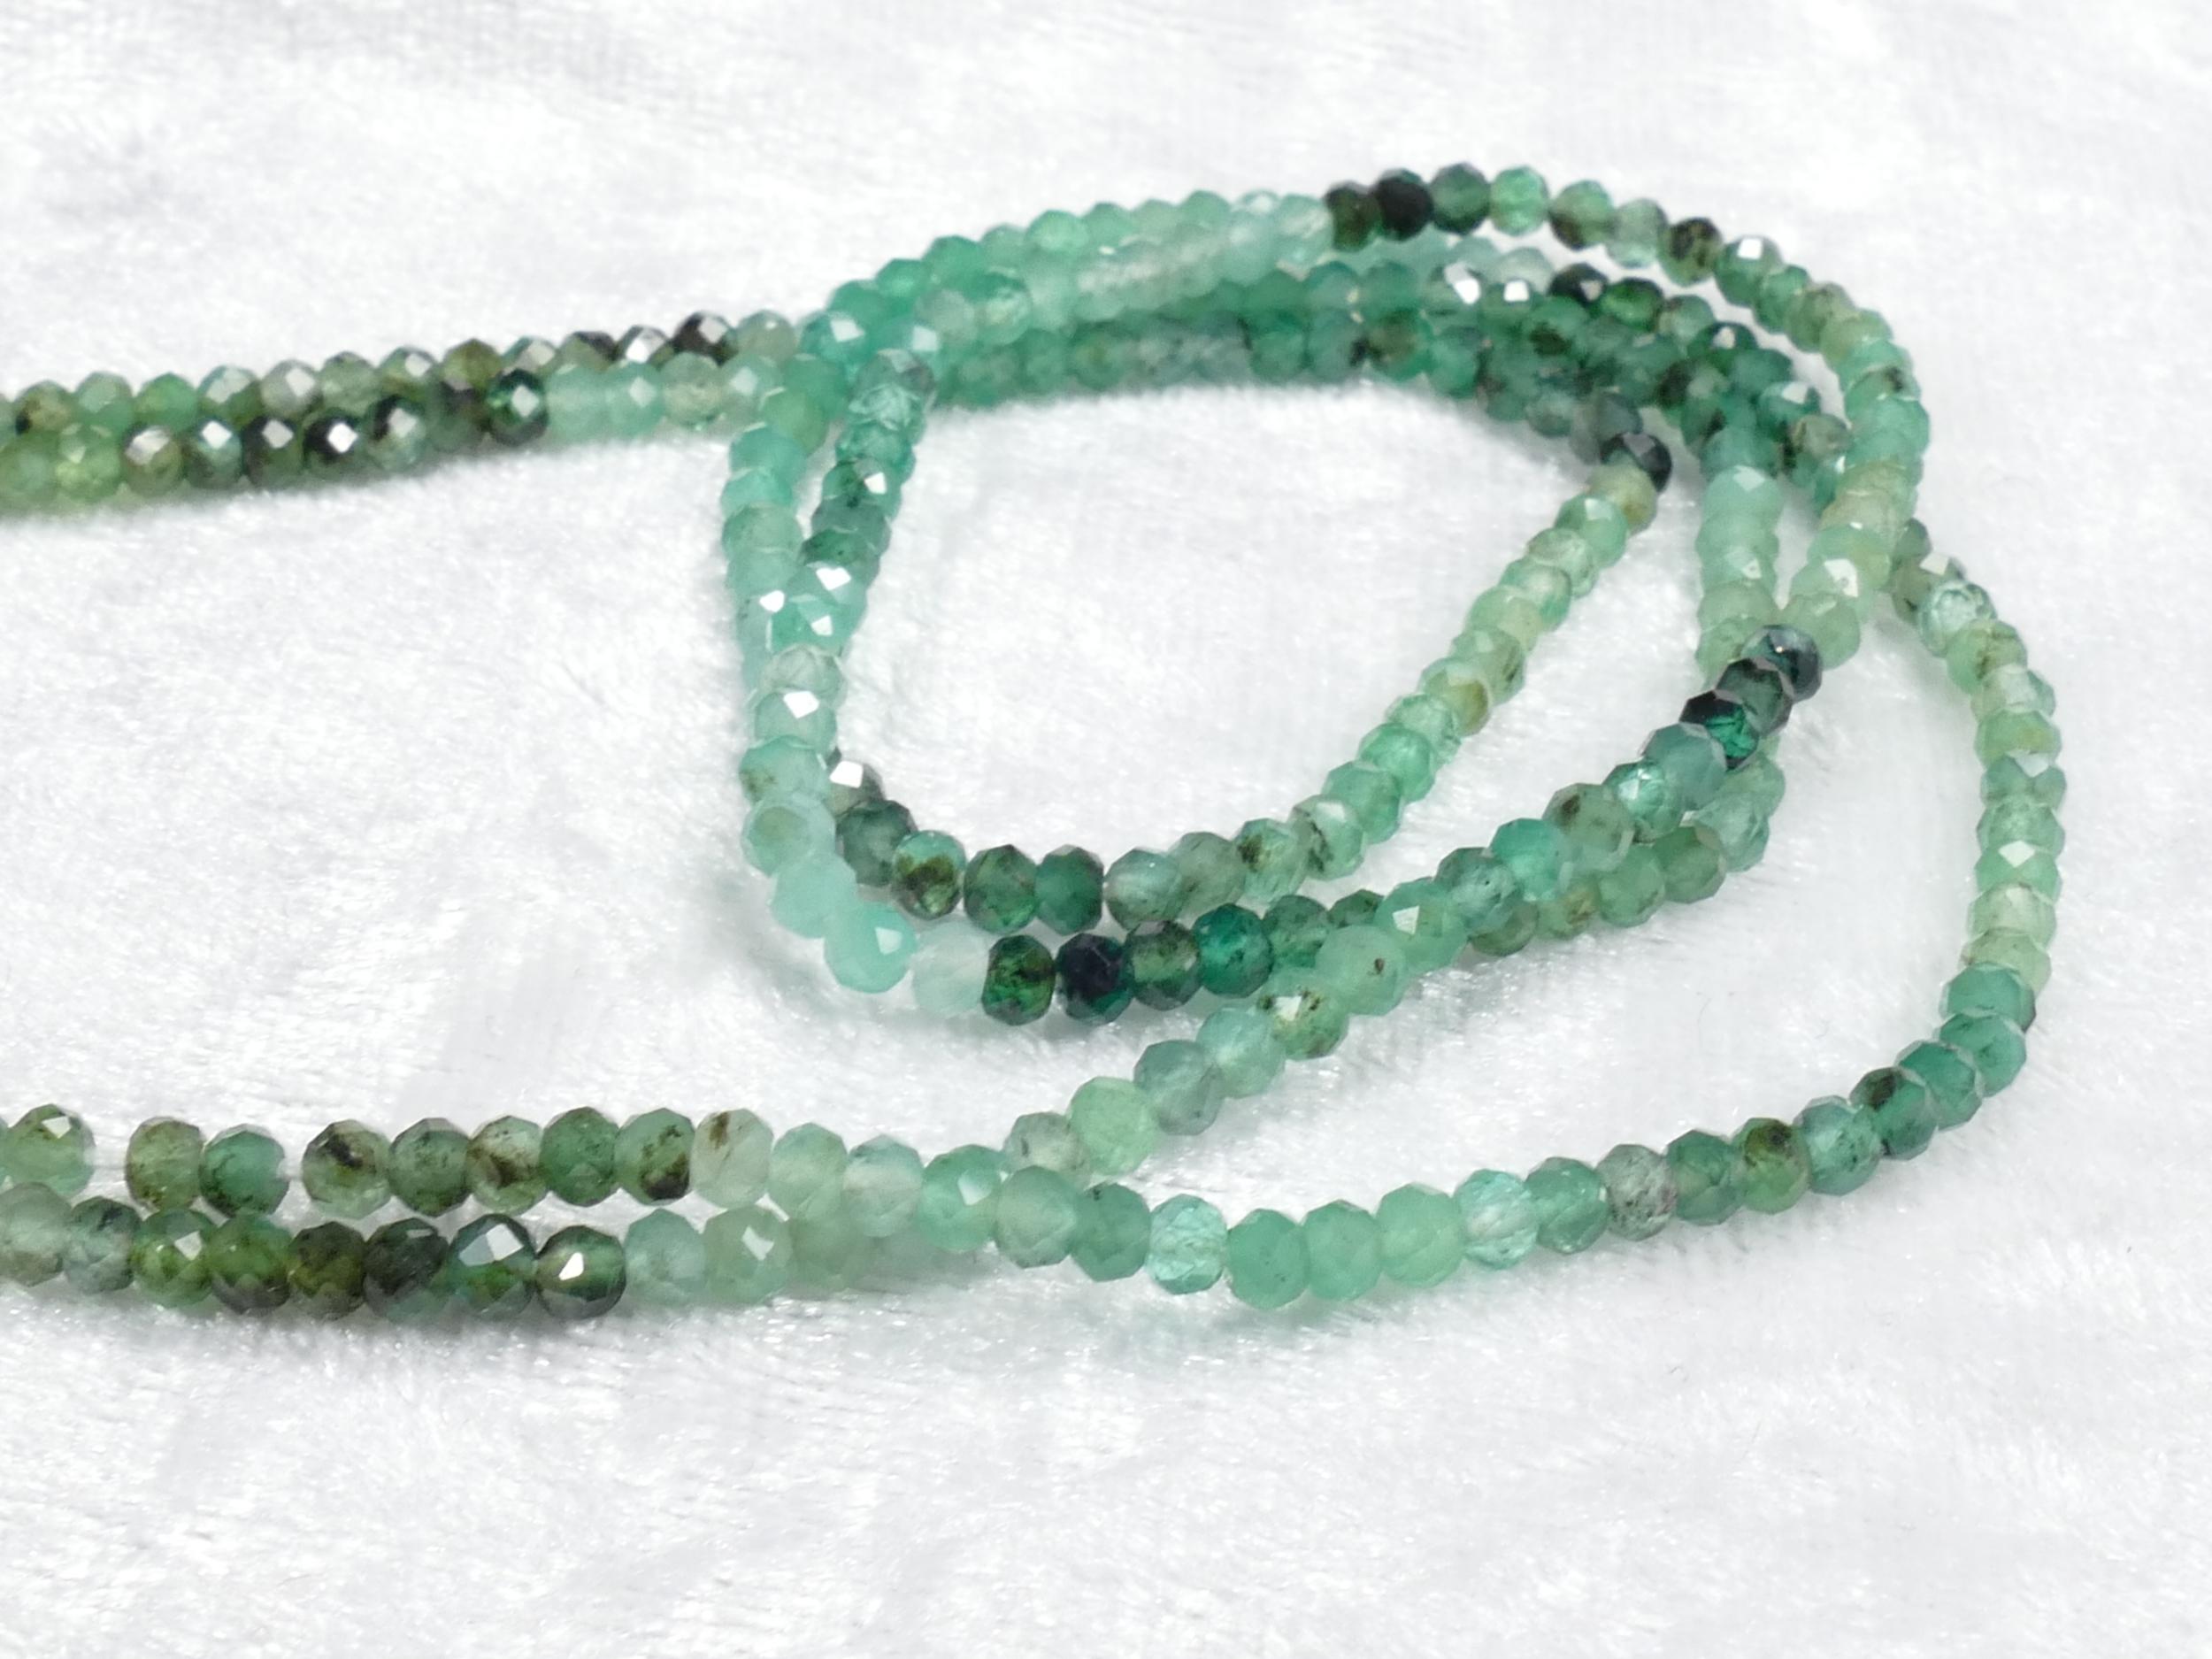 Couleur De L Emeraude 3mm perle d'emeraude naturel en rondelle facettée couleur dégradée x15cm  (5.9inch) (#ac1067)